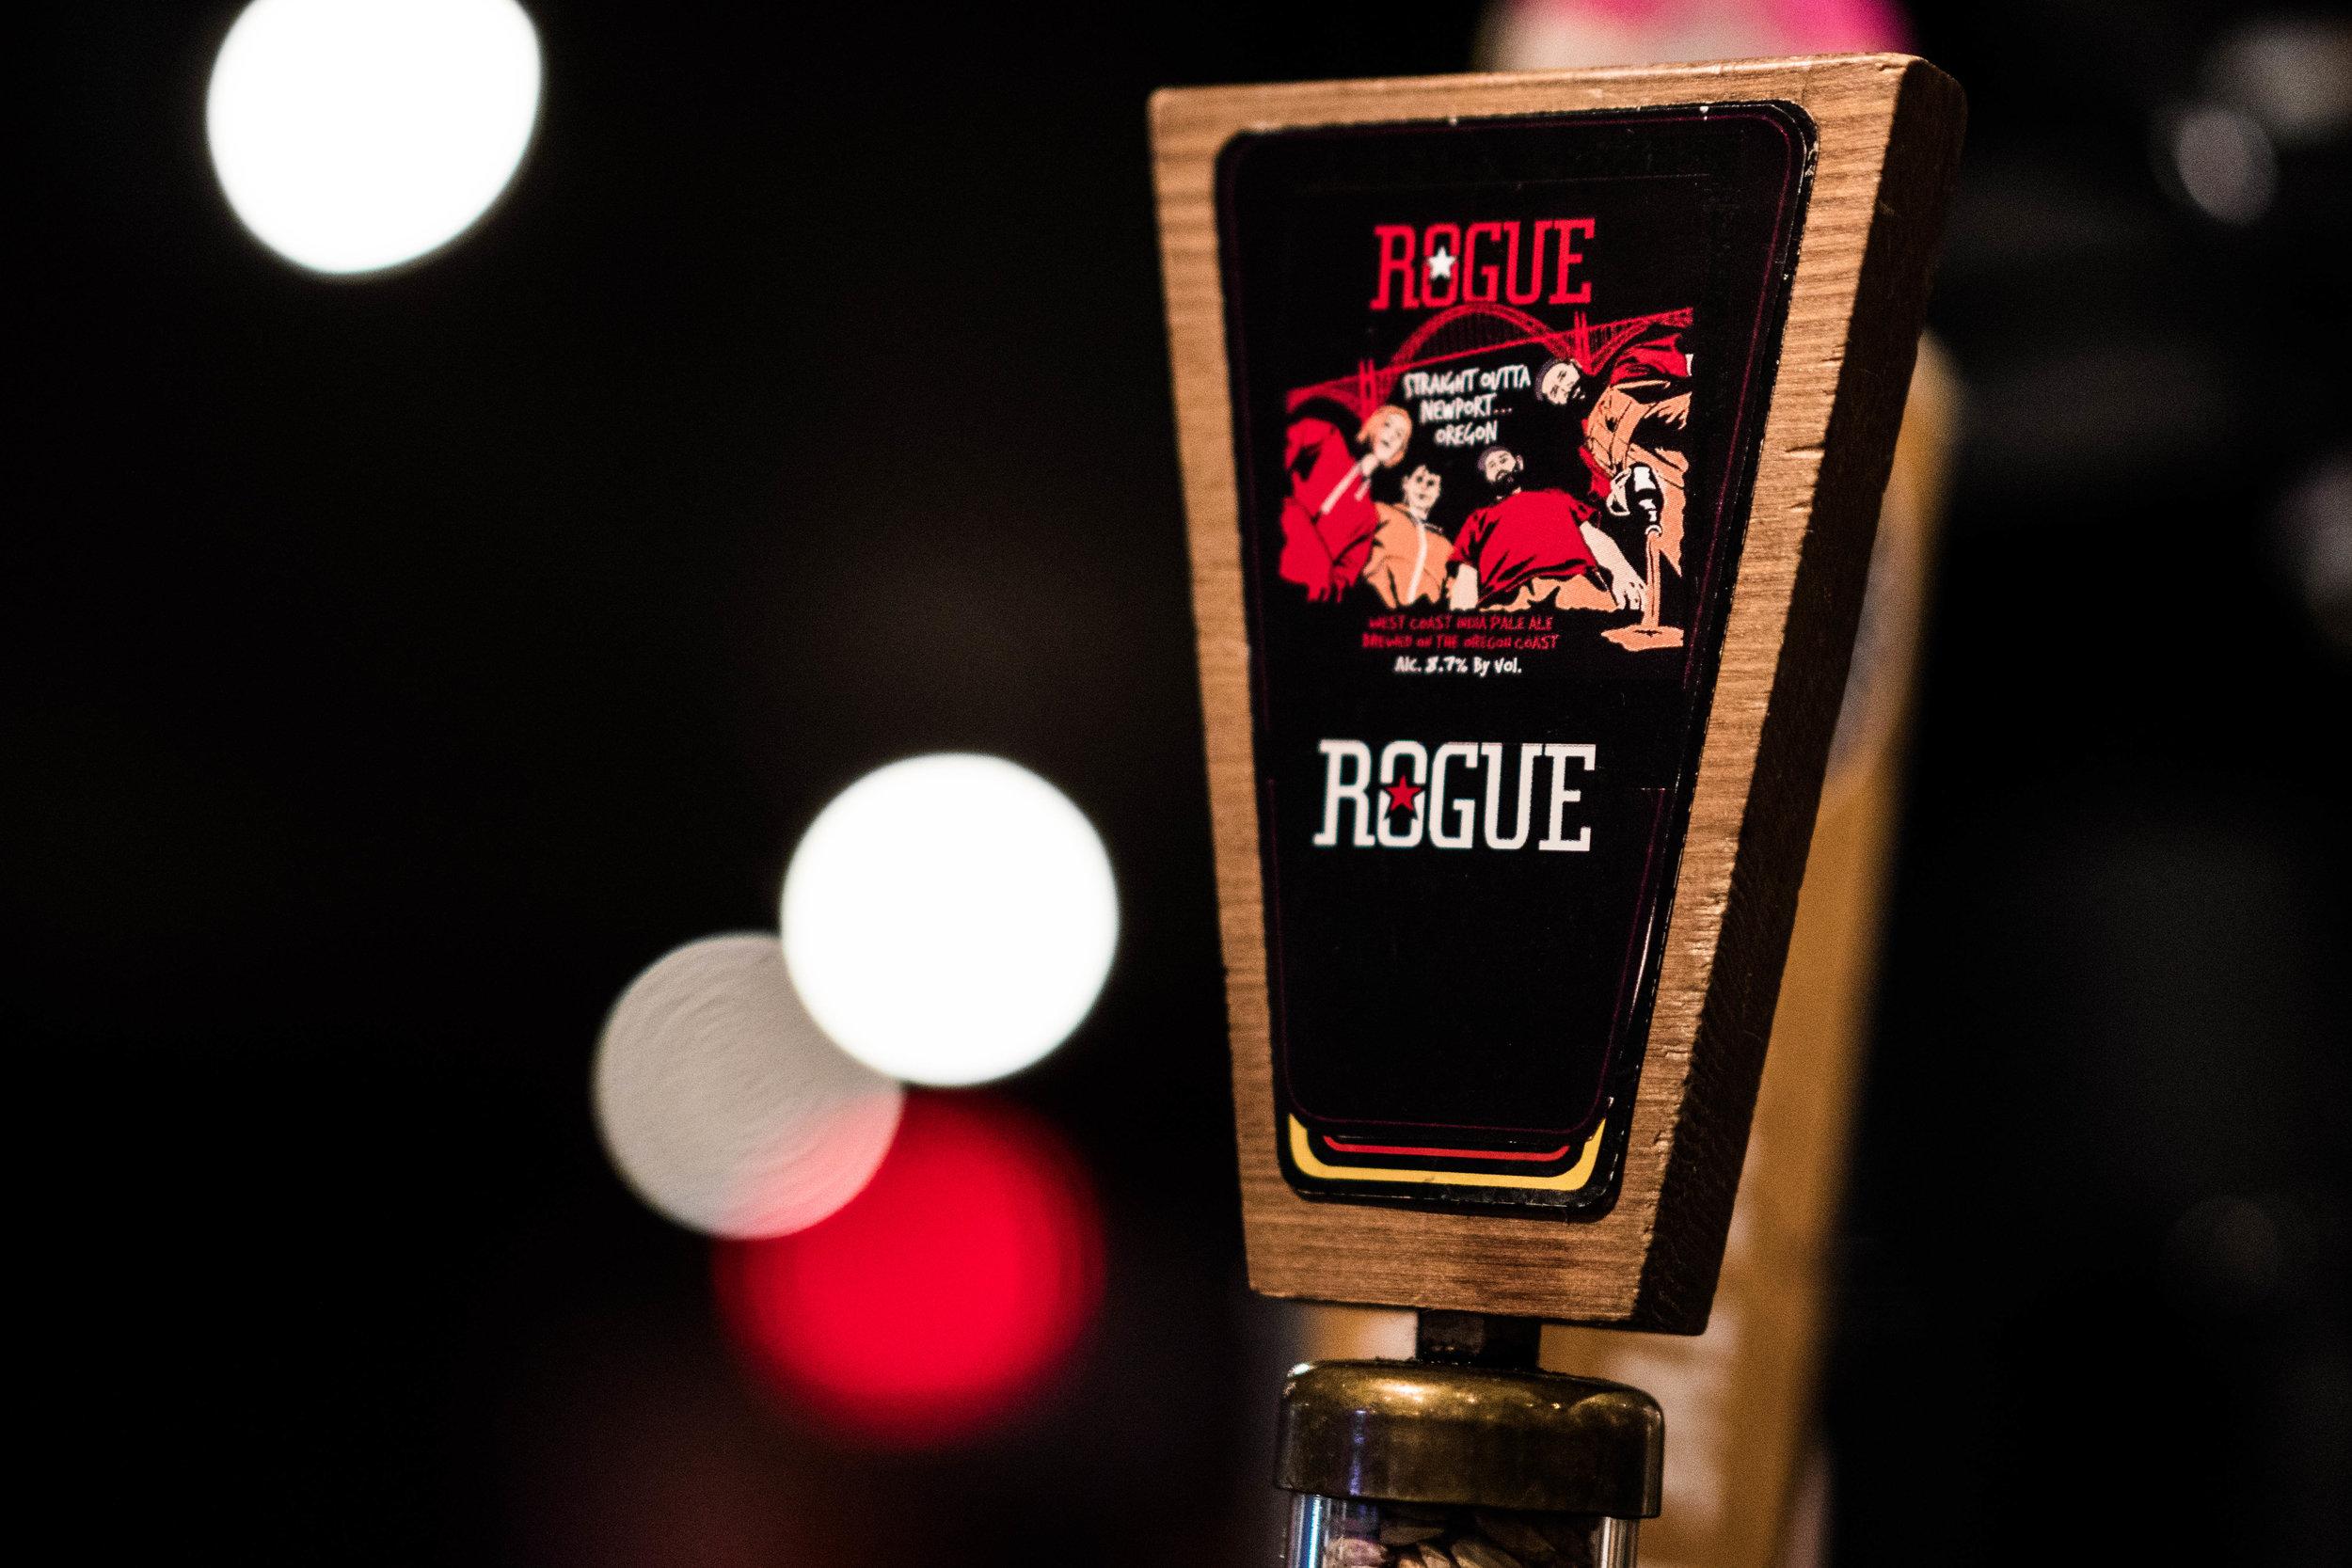 Rogue Beer Tap.jpg